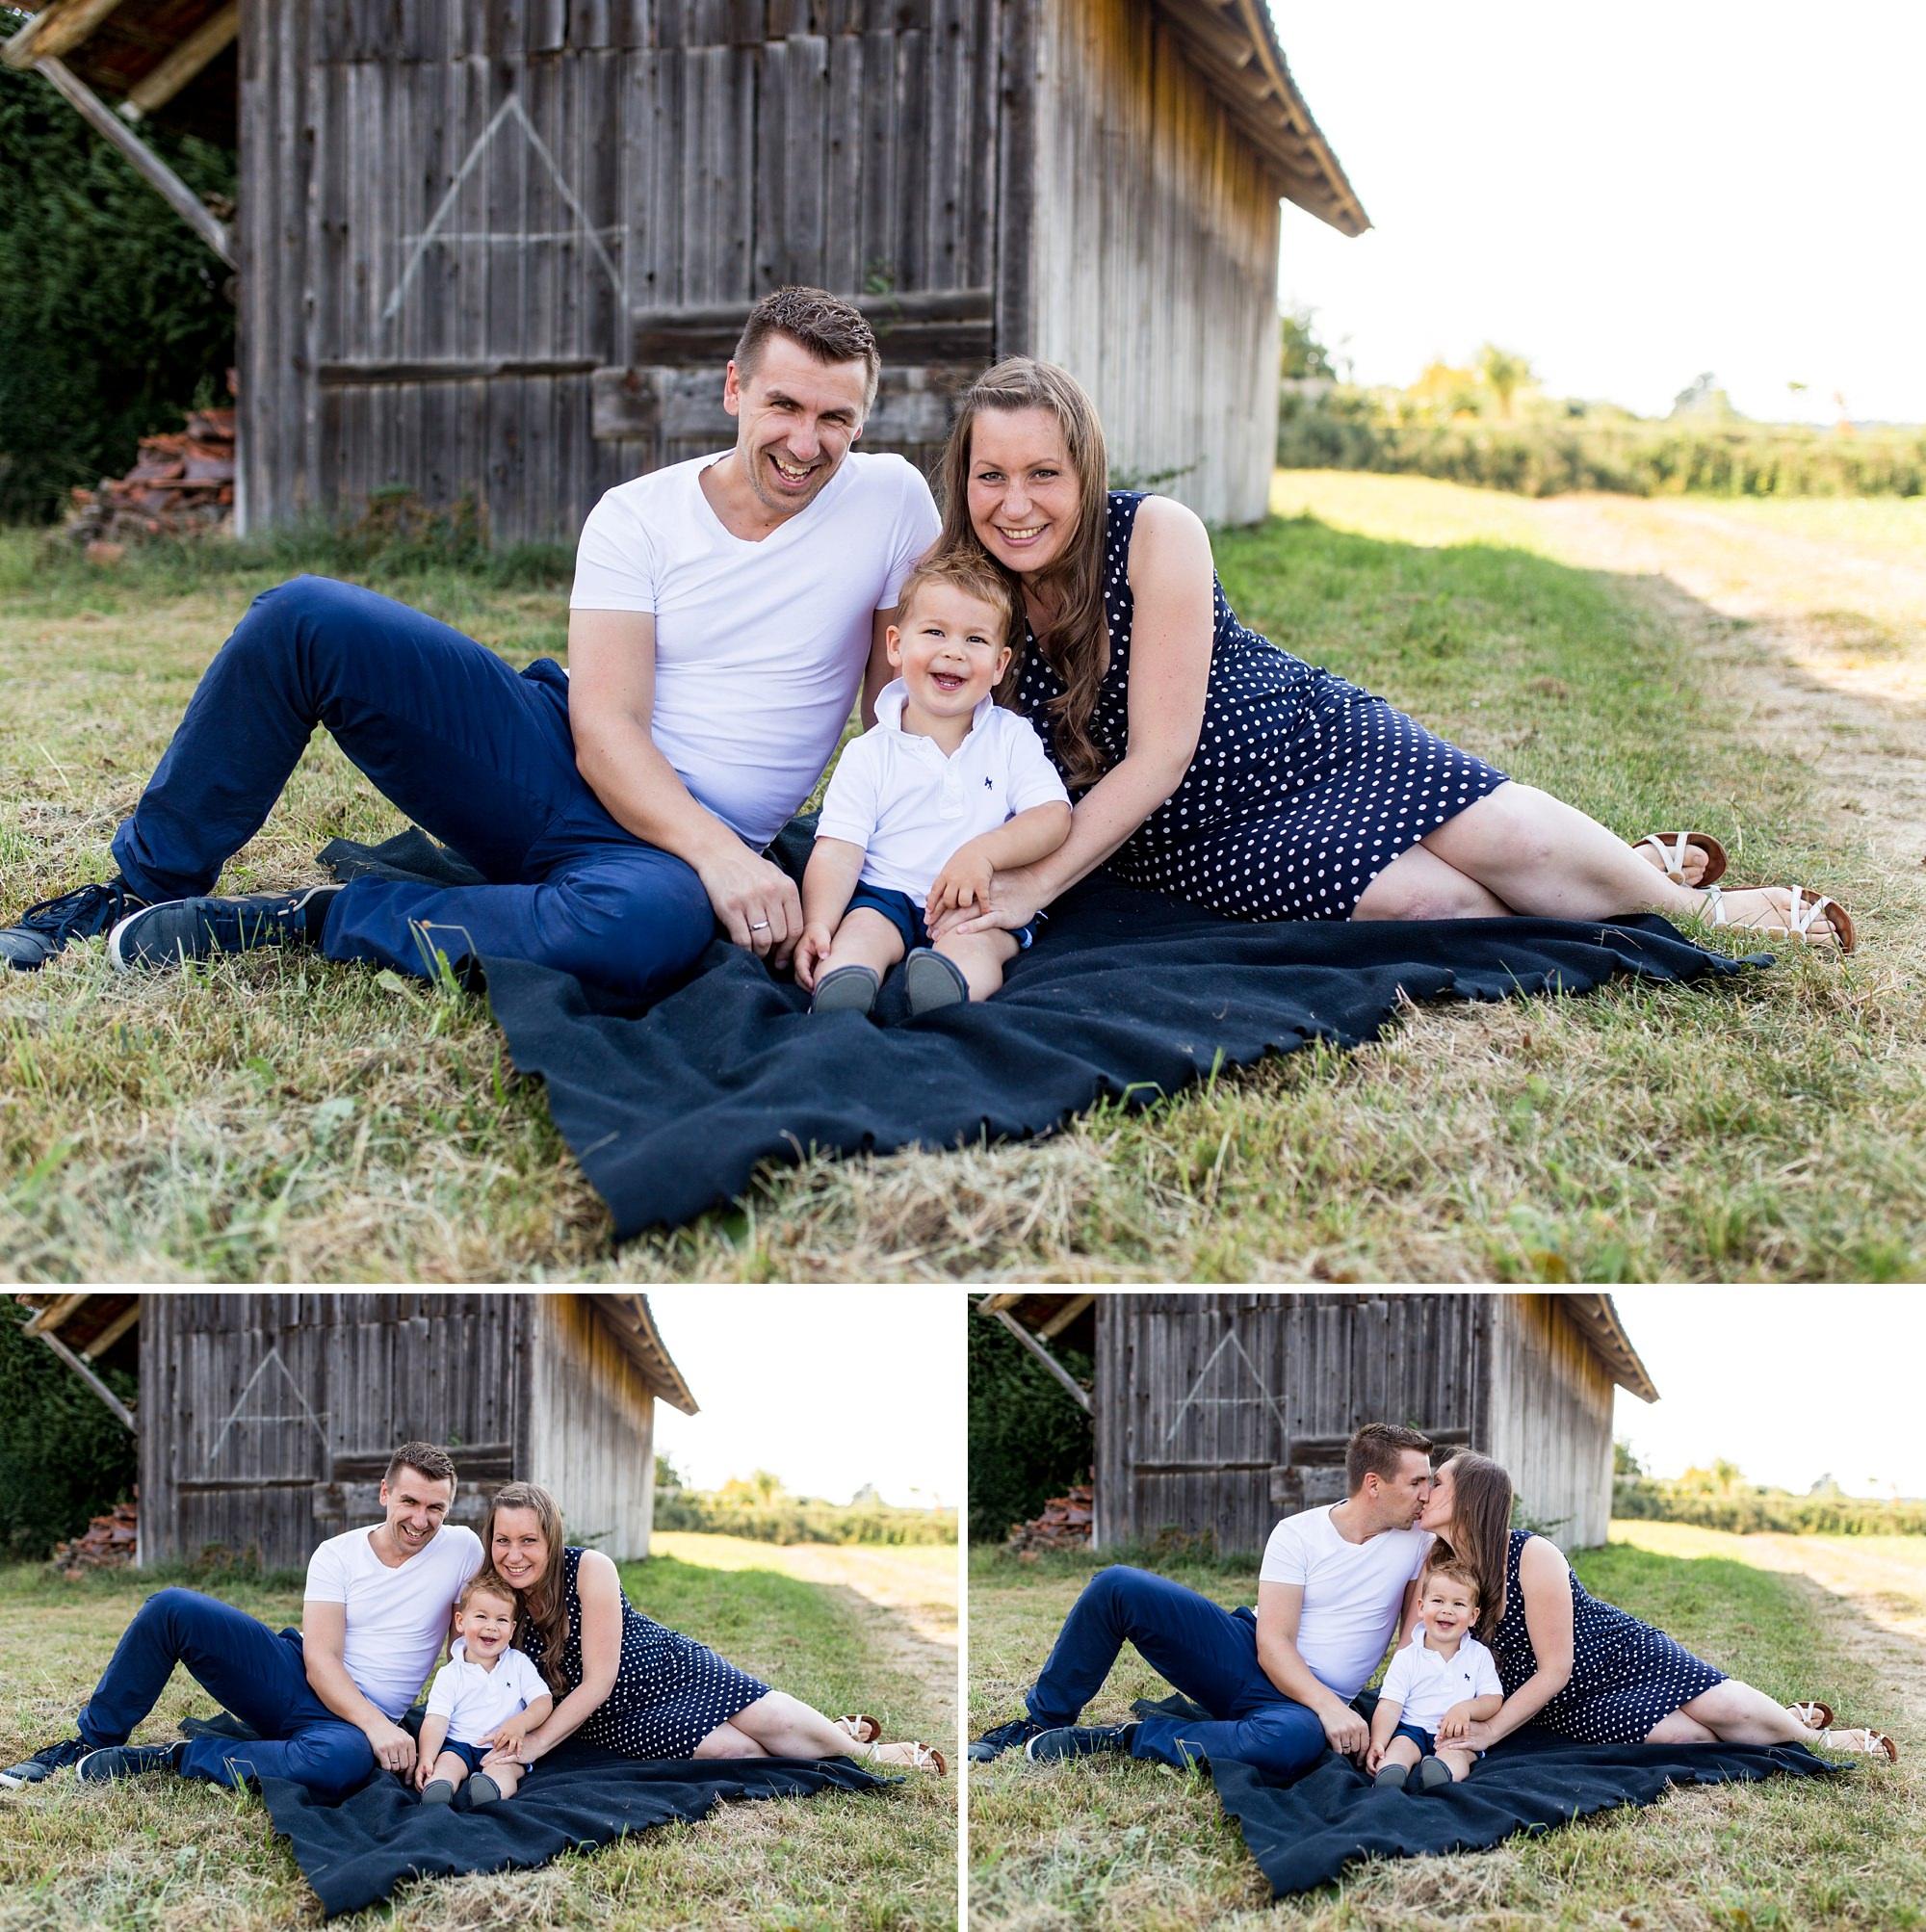 Eltern sitzen mit ihrem Sohn auf Decke